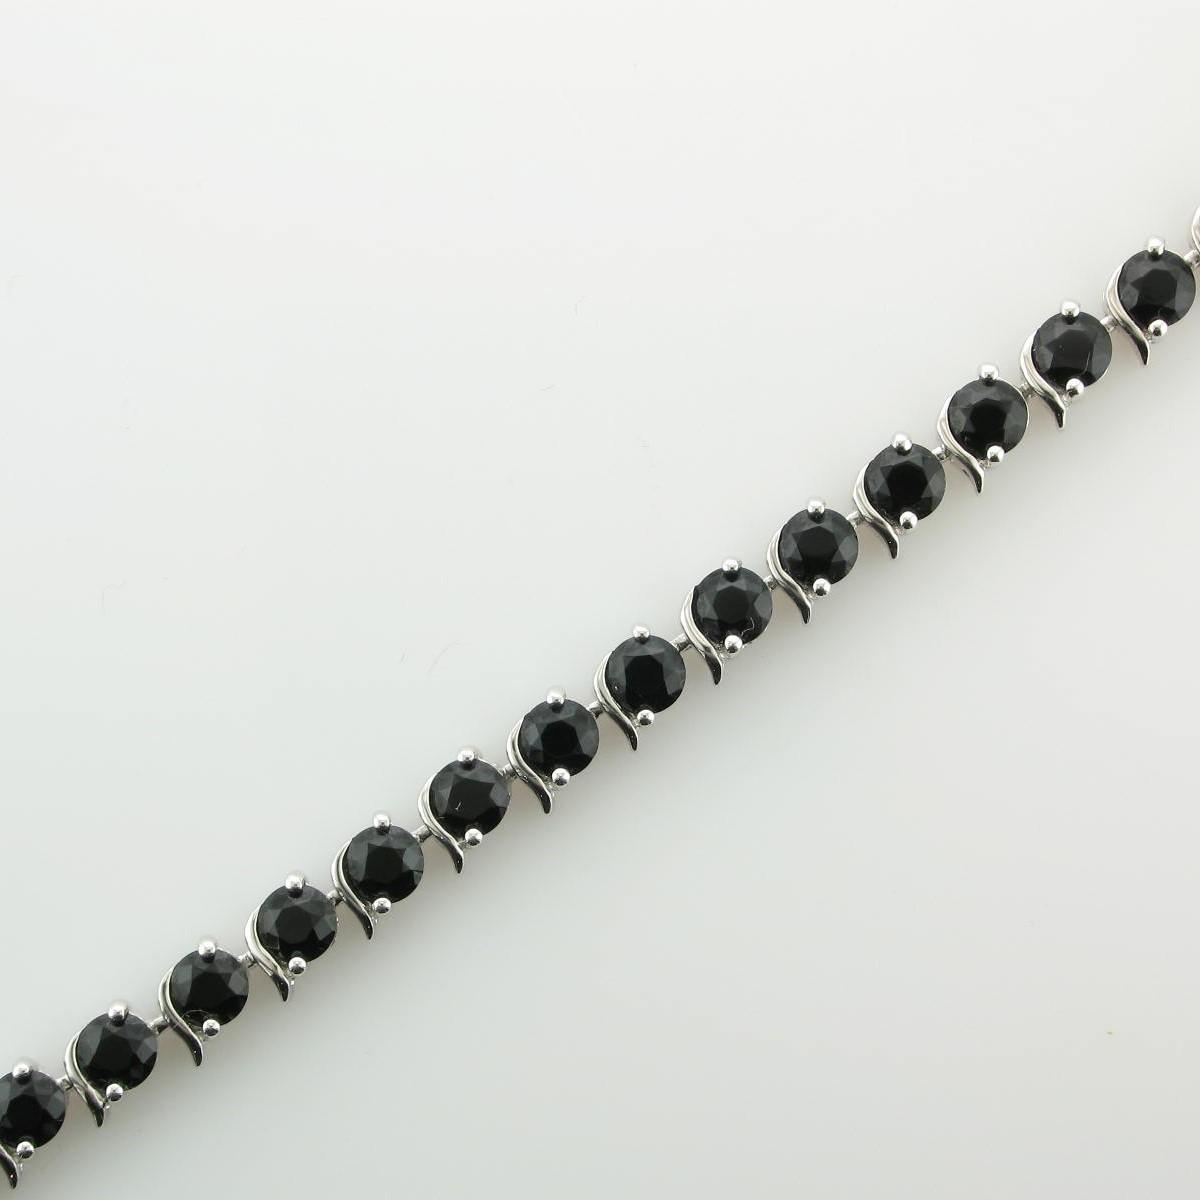 8.64tcw Black Onyx Bracelet set in Sterling Silver